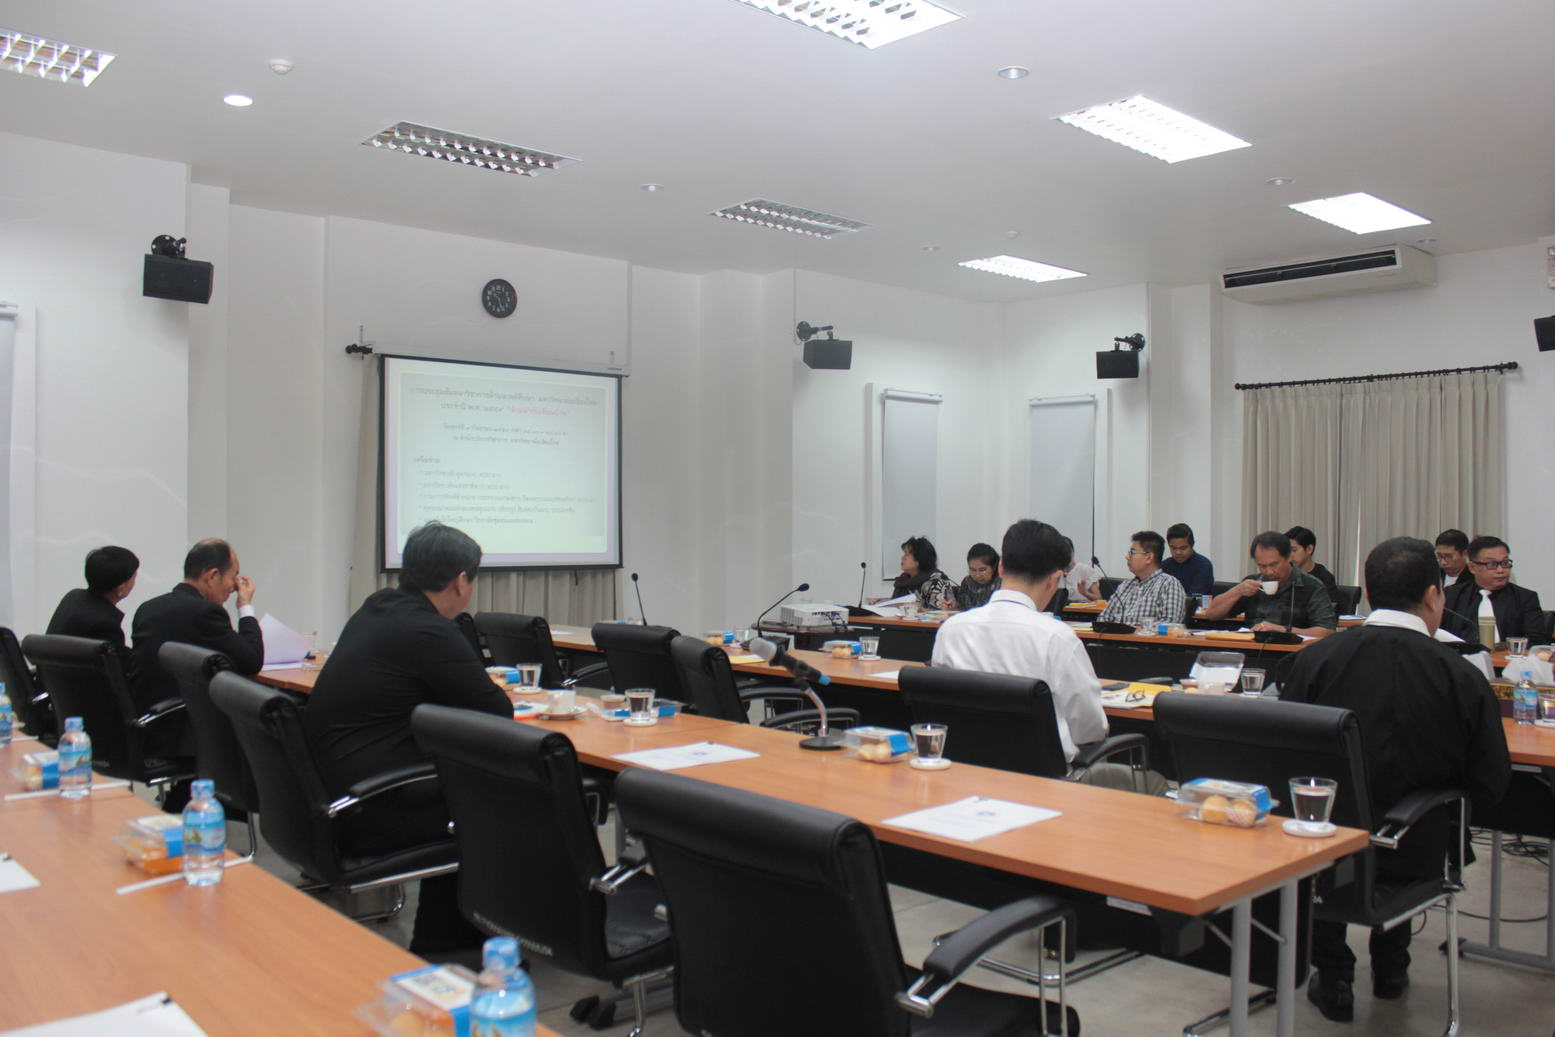 การประชุมคณะกรรมการโครงการล้านนาคดีศึกษา